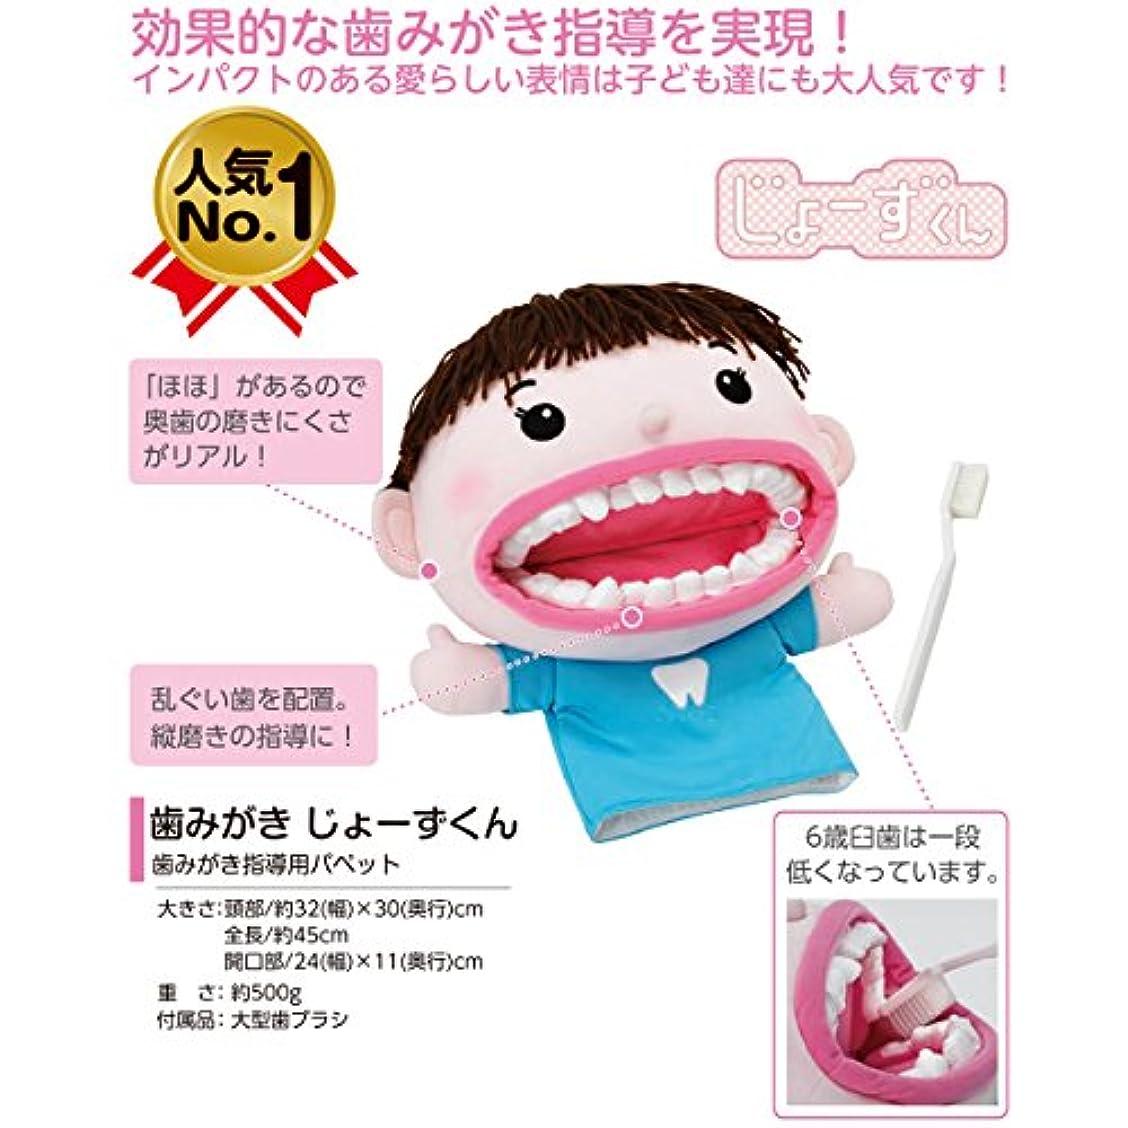 アクティビティオール純度歯みがき じょーずくん 歯磨き 指導用 教育用 パペット 人形 ぬいぐるみ